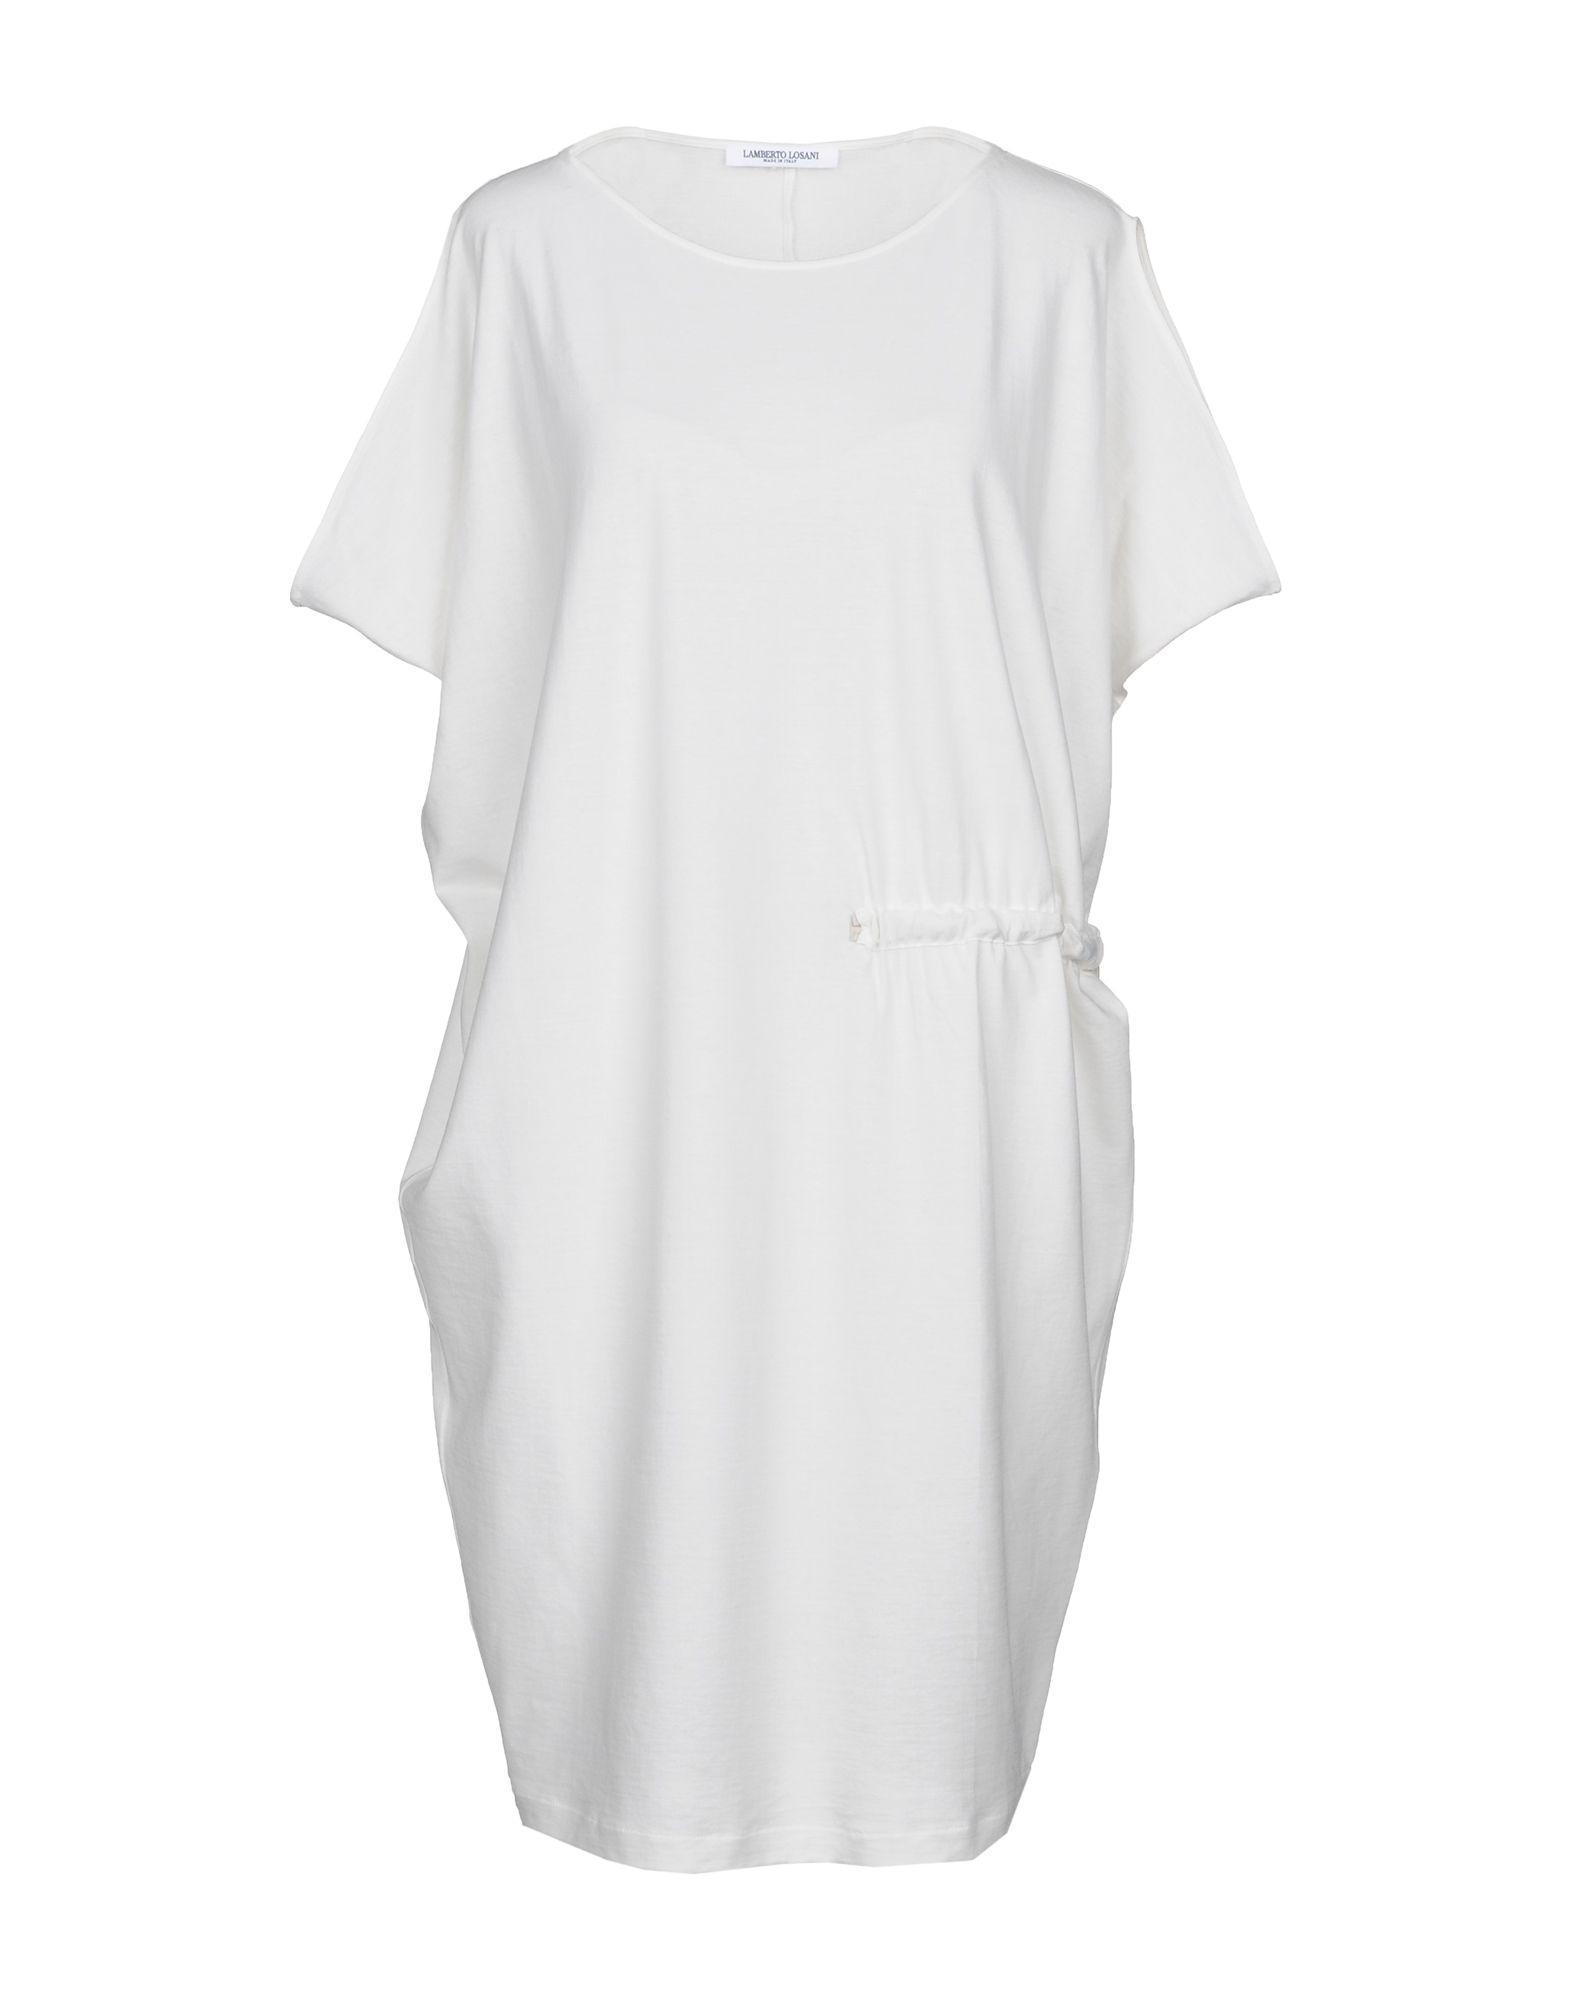 DRESSES - Short dresses Lamberto Losani P6yym7pG2i